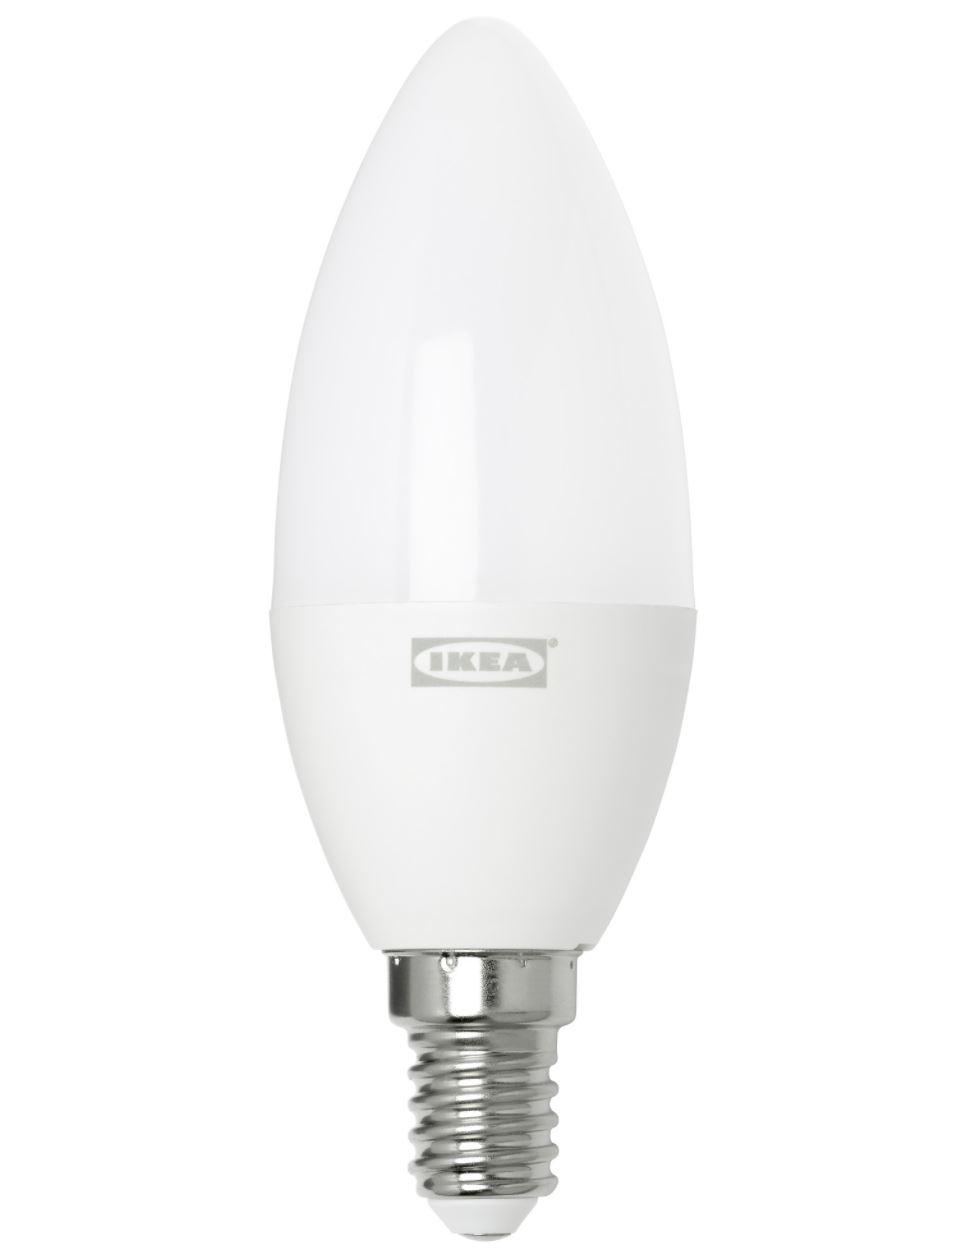 Ikea Tradfri: E14 LEDs jetzt auch schon ab 6,99 Euro erhältlich [UPDATE]